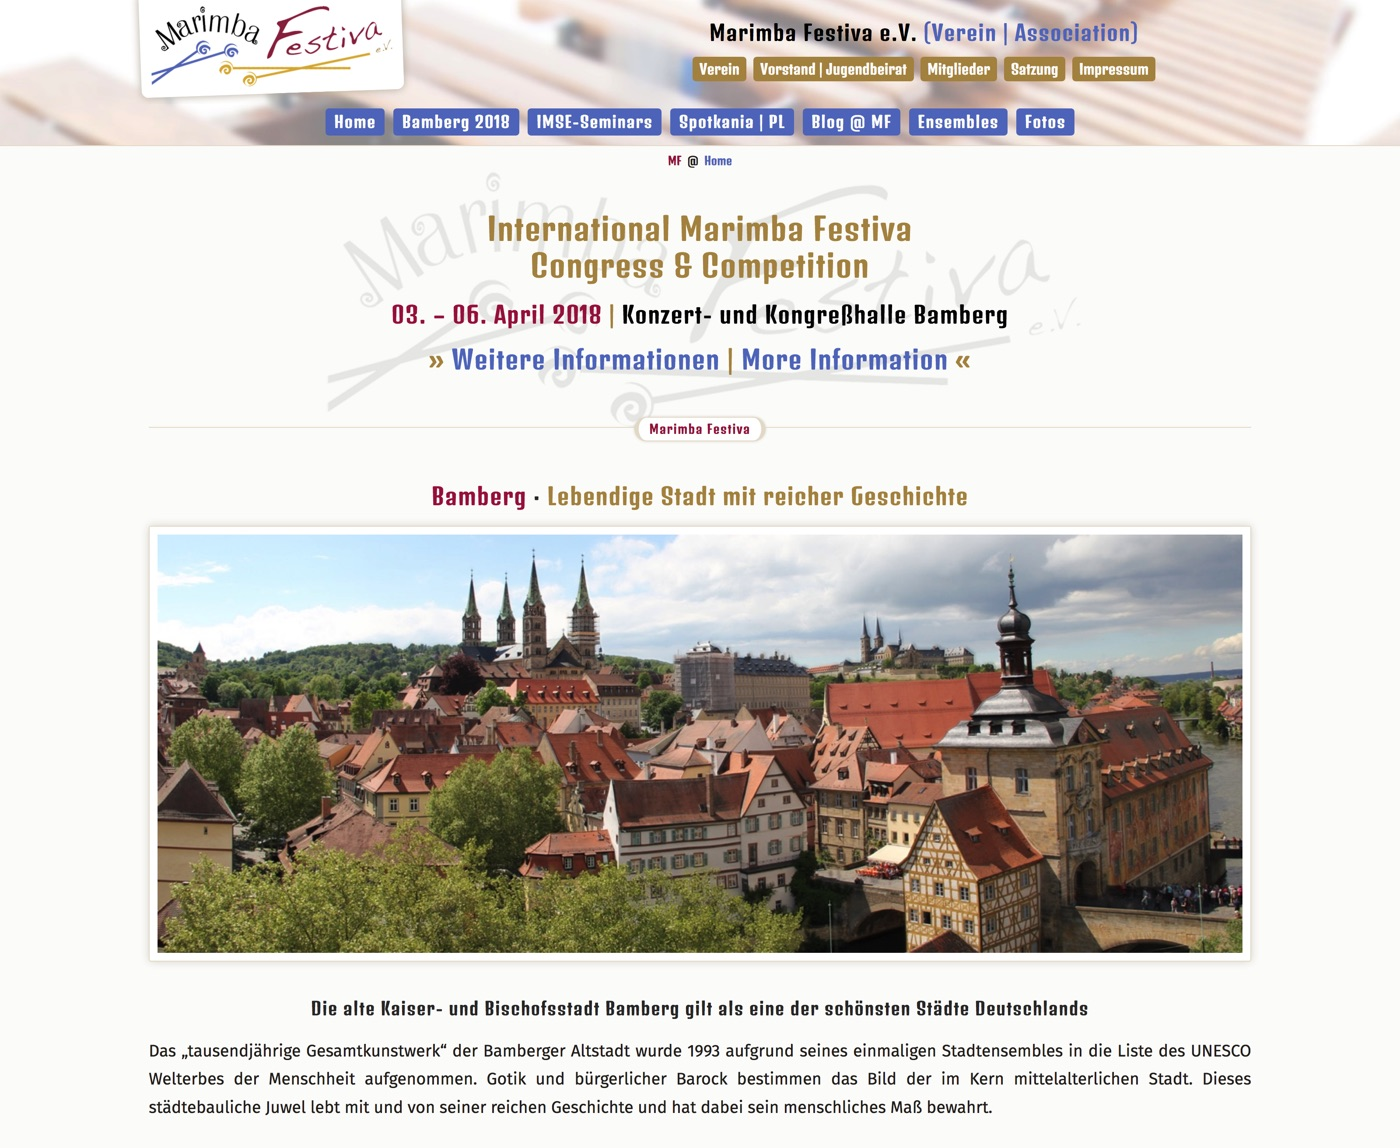 Marimba-Festiva @ Bamberg 2018